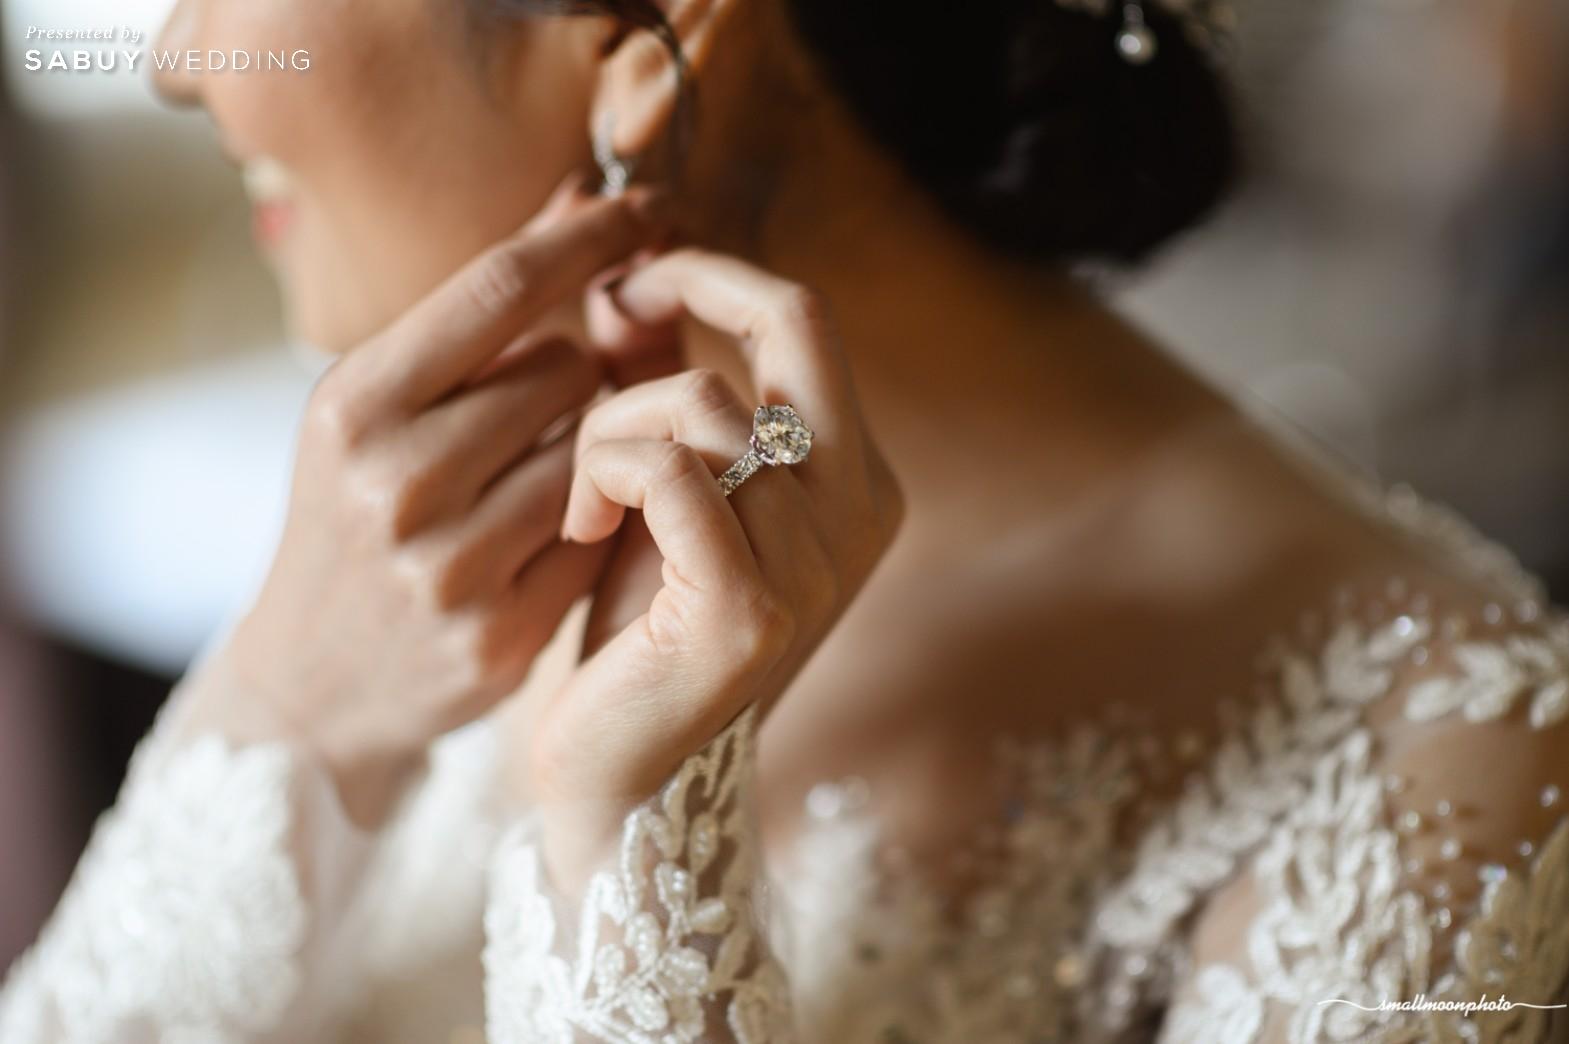 เจ้าสาว,ชุดแต่งงาน,แหวนแต่งงาน รีวิวงานแต่งแสนหวานกับคอนเซ็ปต์งานสไตล์ English Garden @ Sofitel Bangkok Sukhumvit